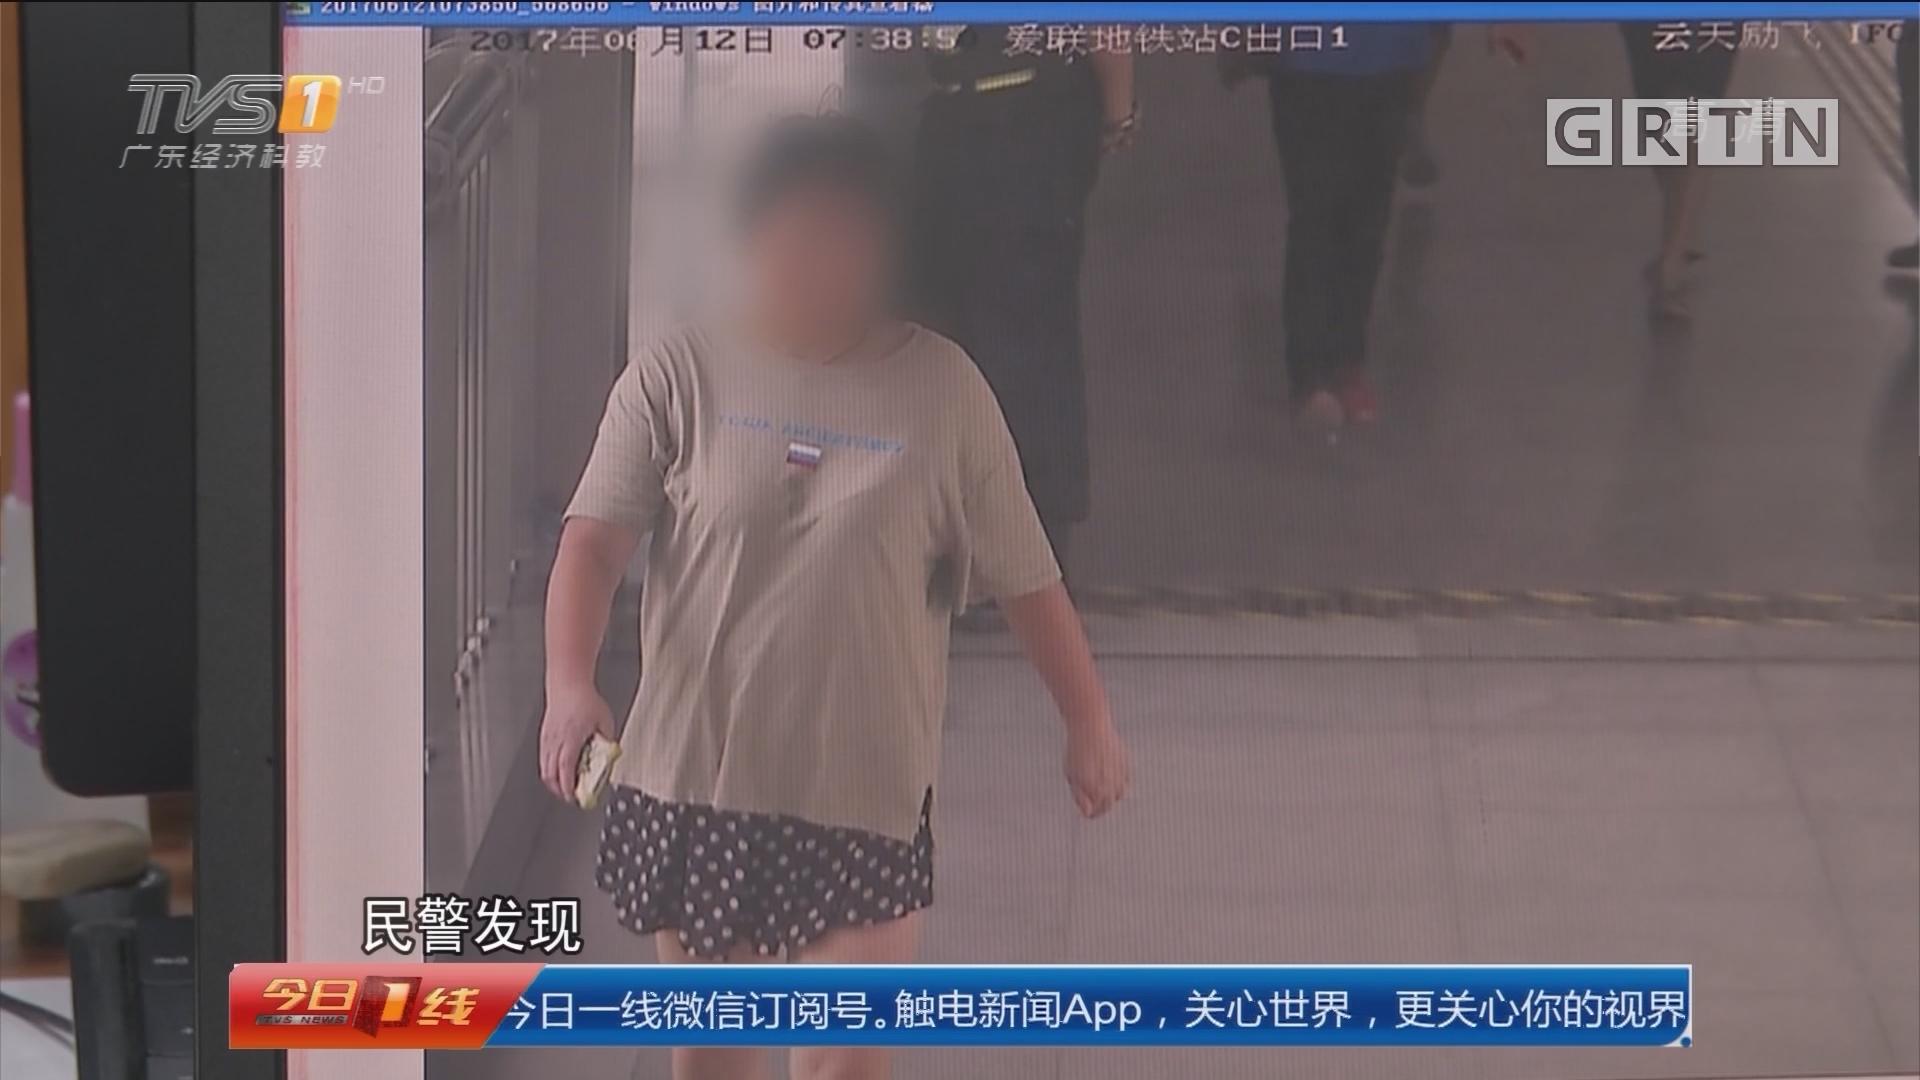 深圳龙岗:峰回路转 公园门口找回失踪女子